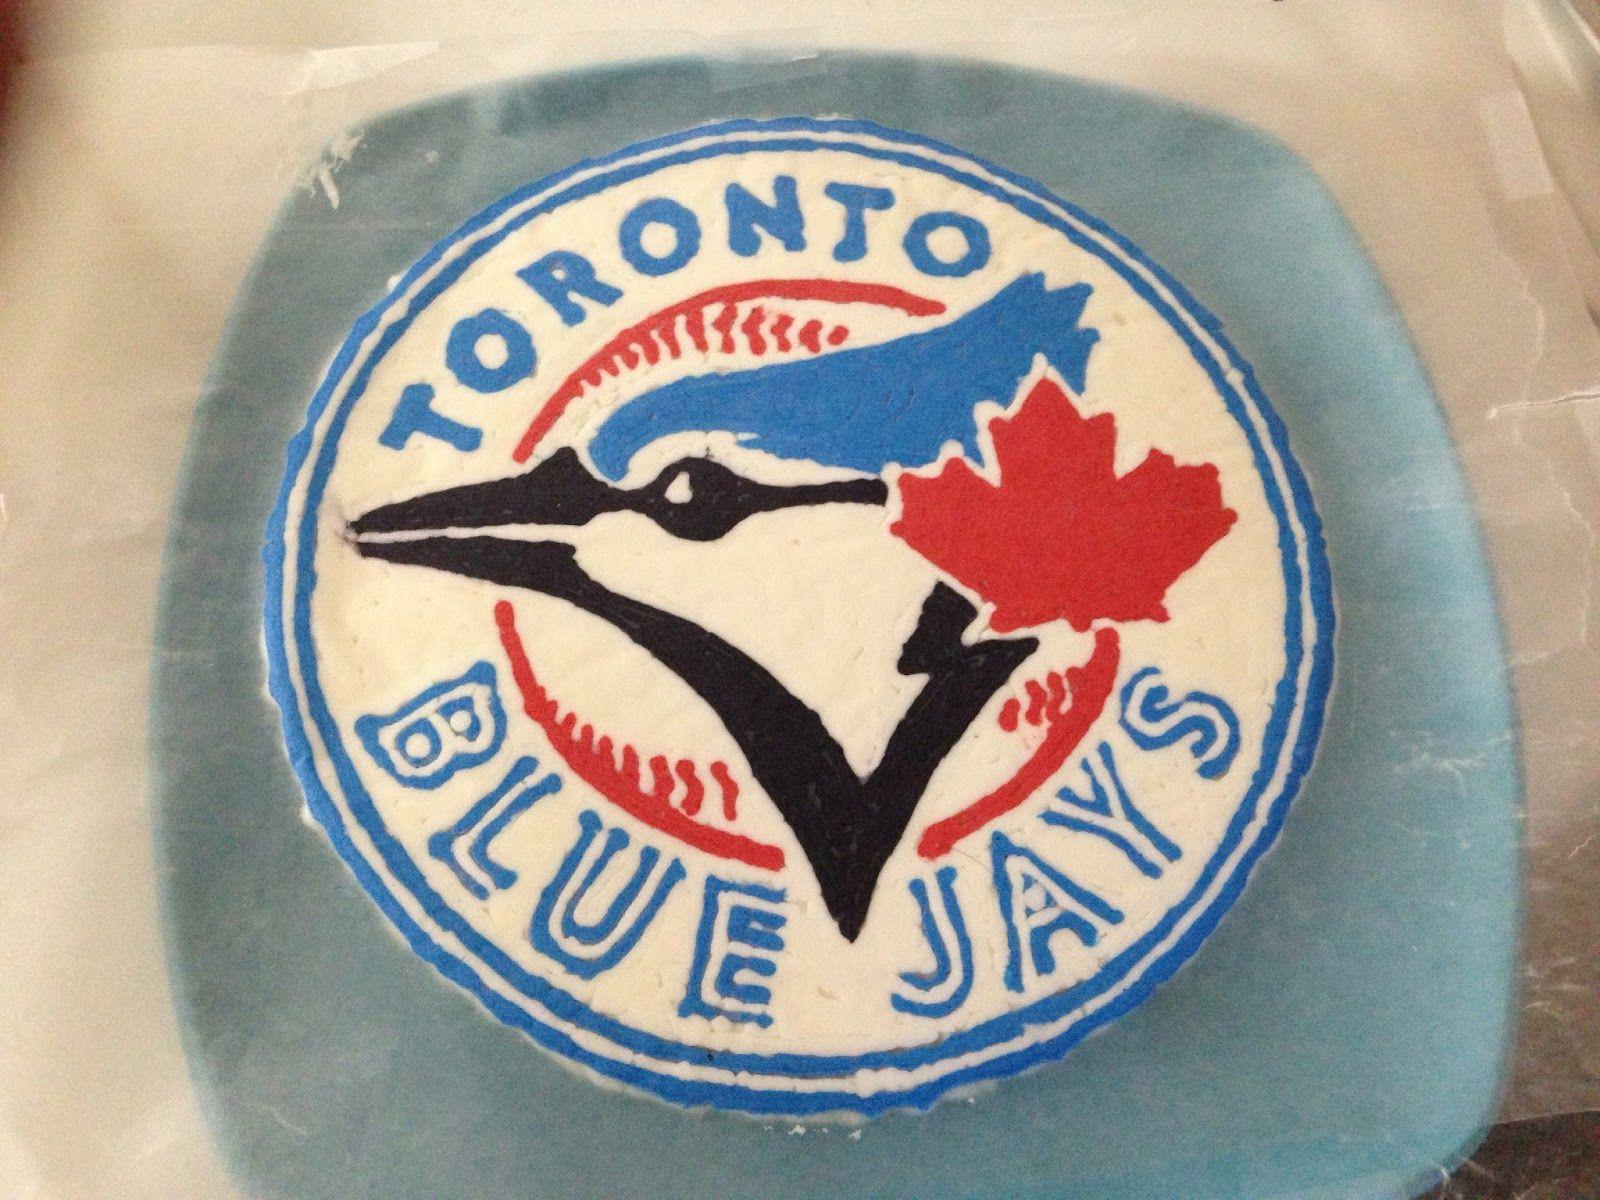 Crafting Baker Toronto Blue Jays Birthday Cake cake decoration